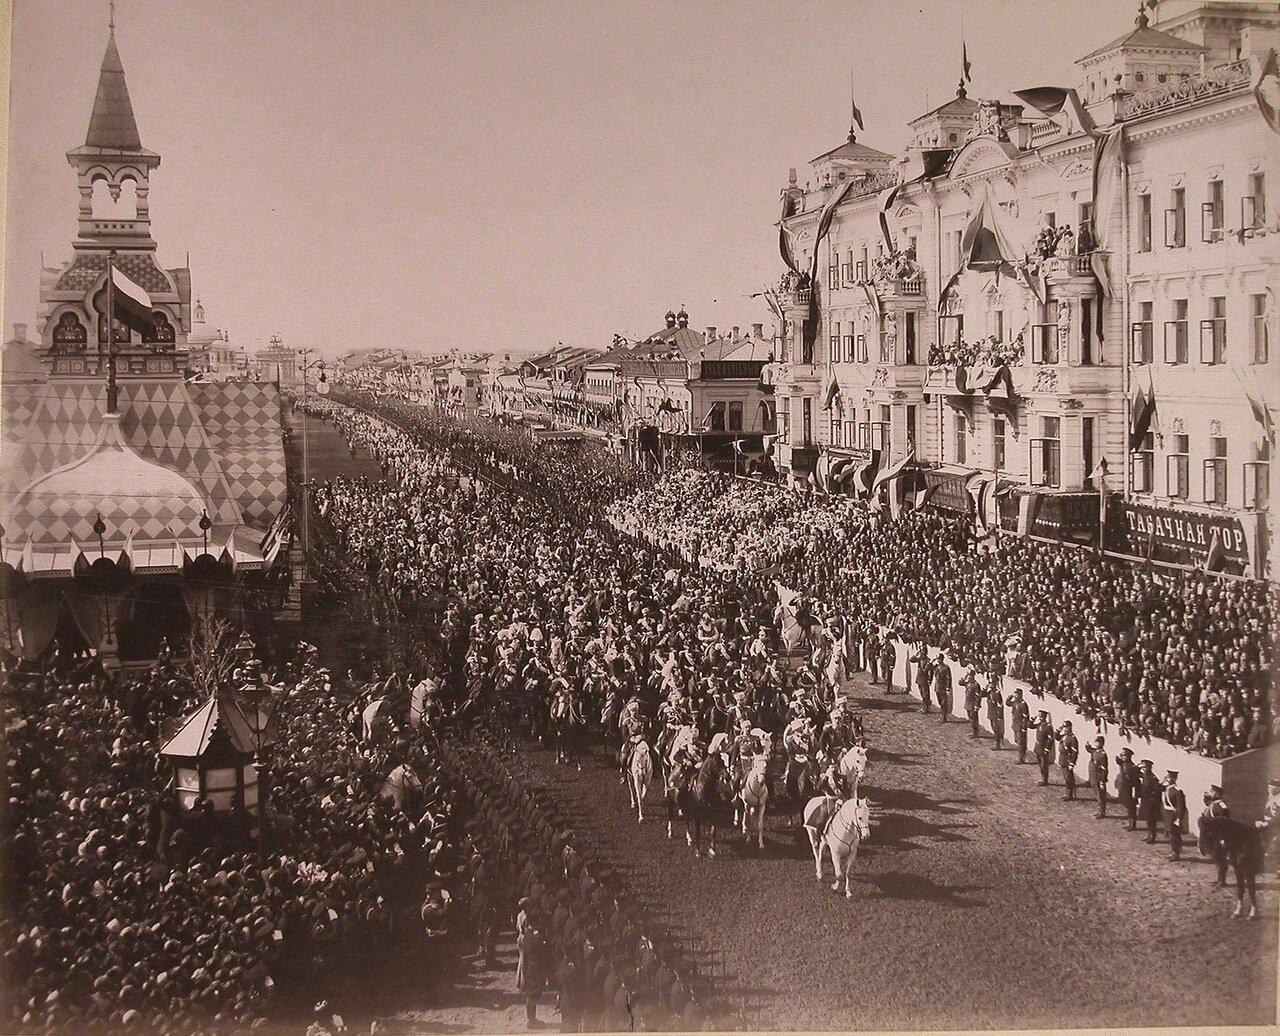 Император Николай II в сопровождении свиты проходит мимо трибун со зрителями по Тверской улице в день торжественного въезда в Москву их императорских величеств